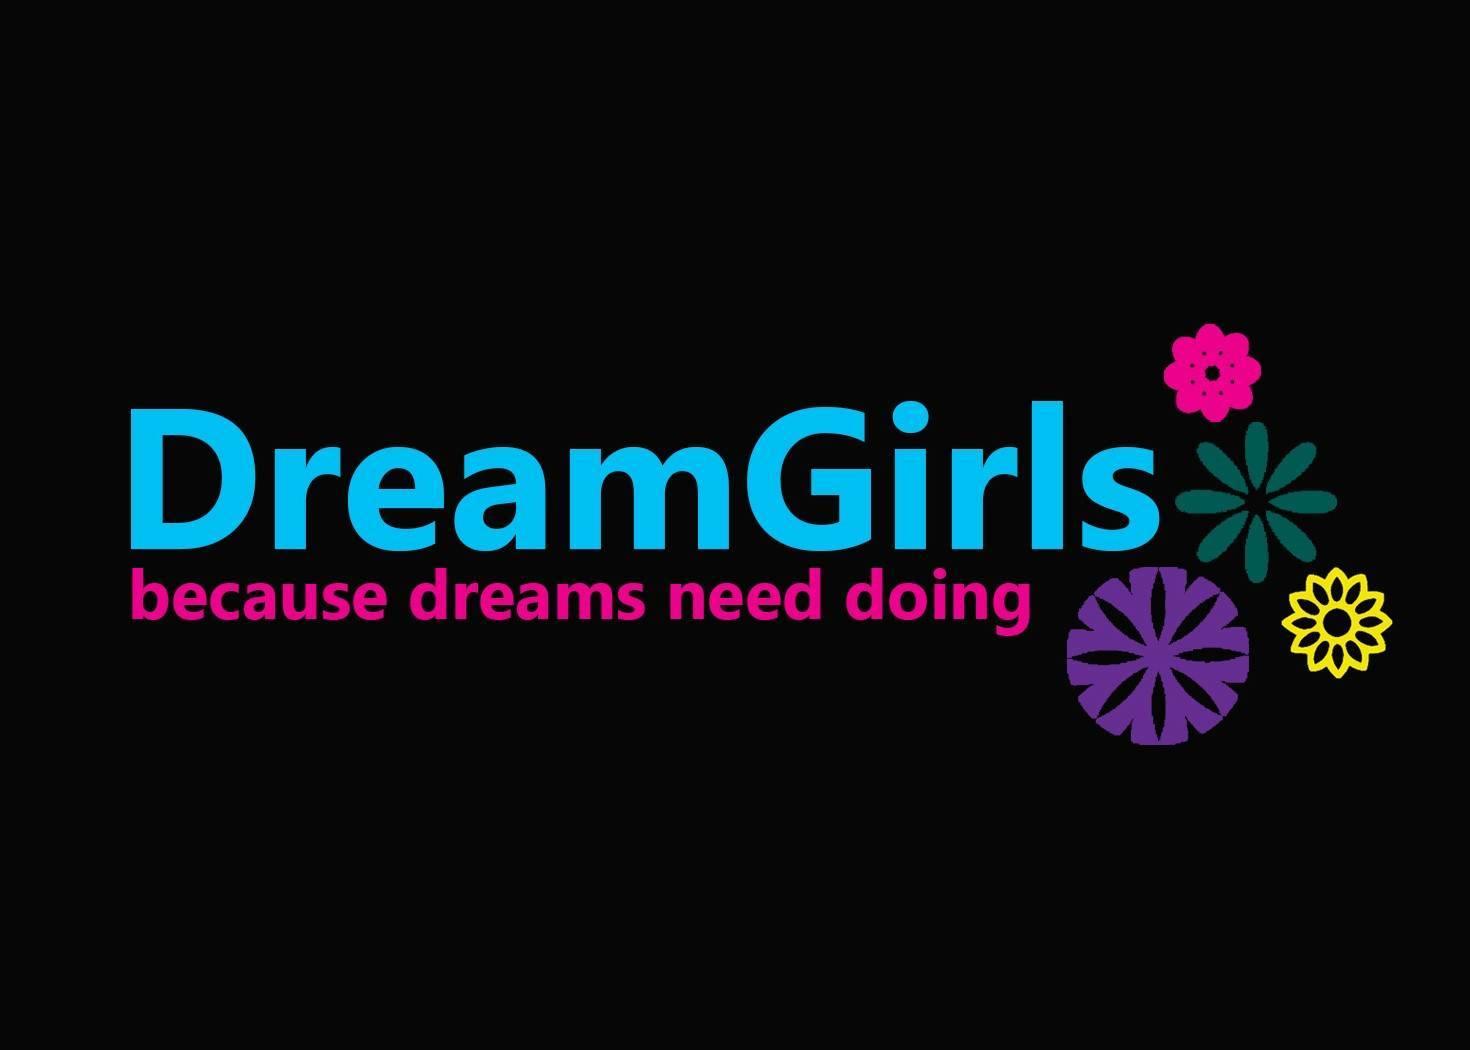 fb9ebaf68e45f1140b80_DreamGirls_Logo_black__2_.jpg